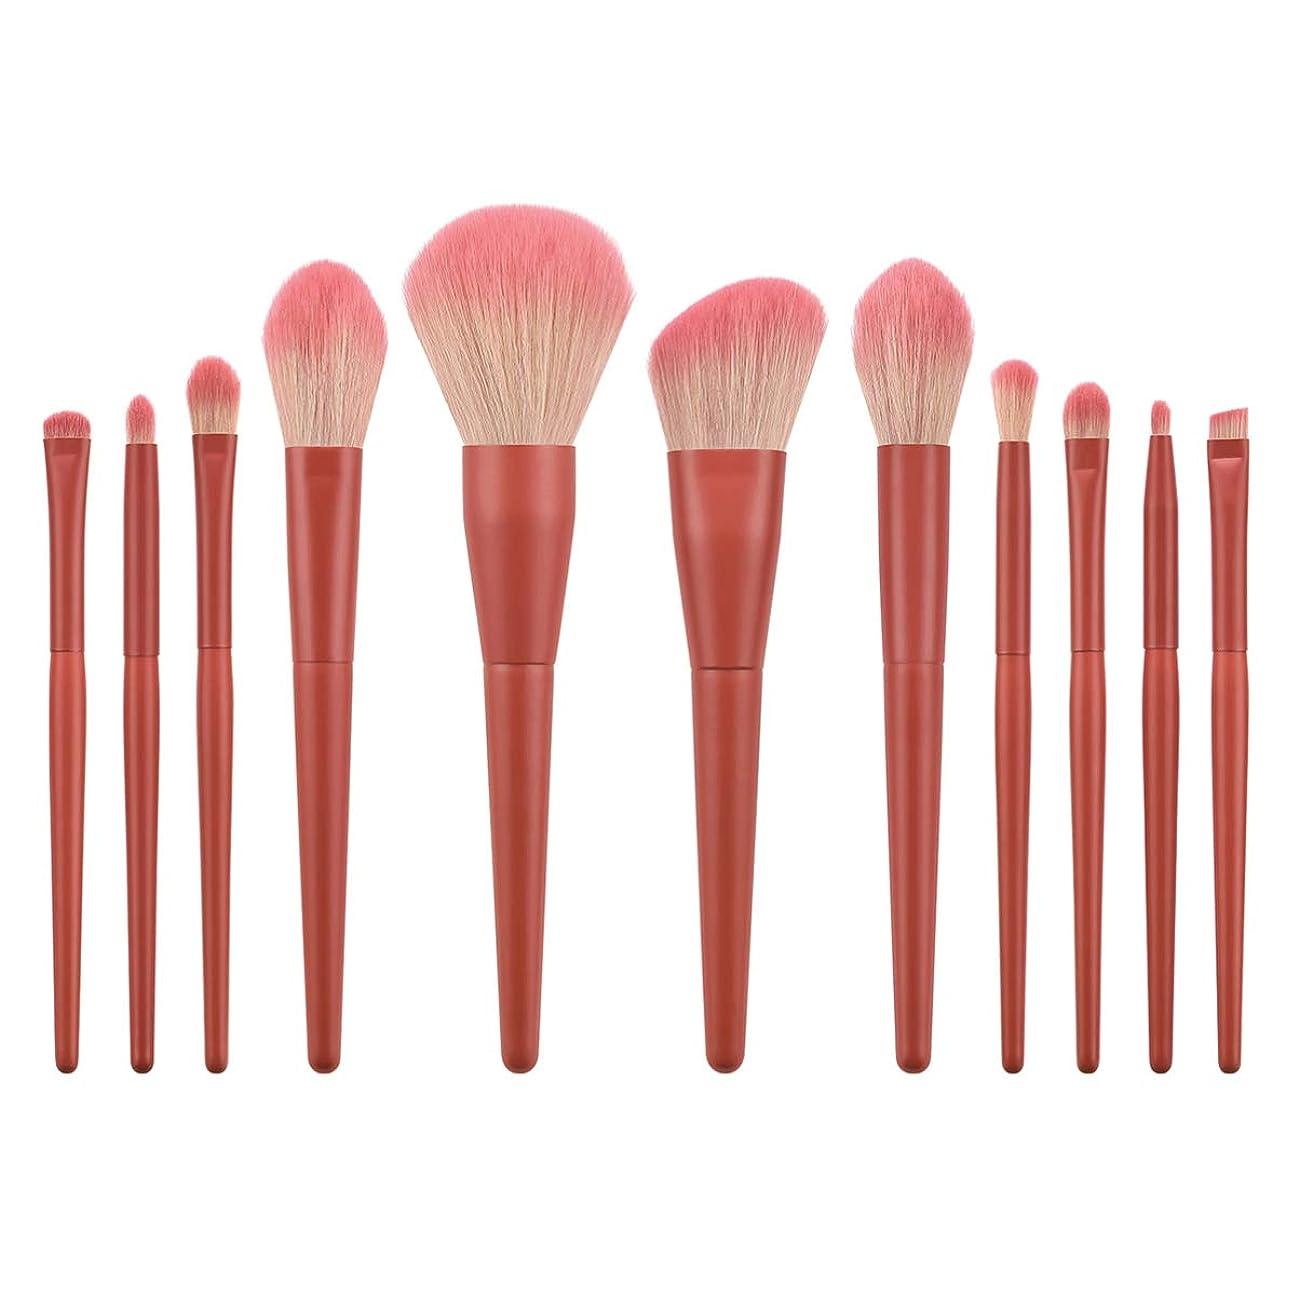 獣人里離れた進むLurrose 11ピースソフトナイロン毛化粧ブラシキット木製ハンドル化粧品パウダー赤面ブラシ女性(t-11-019)